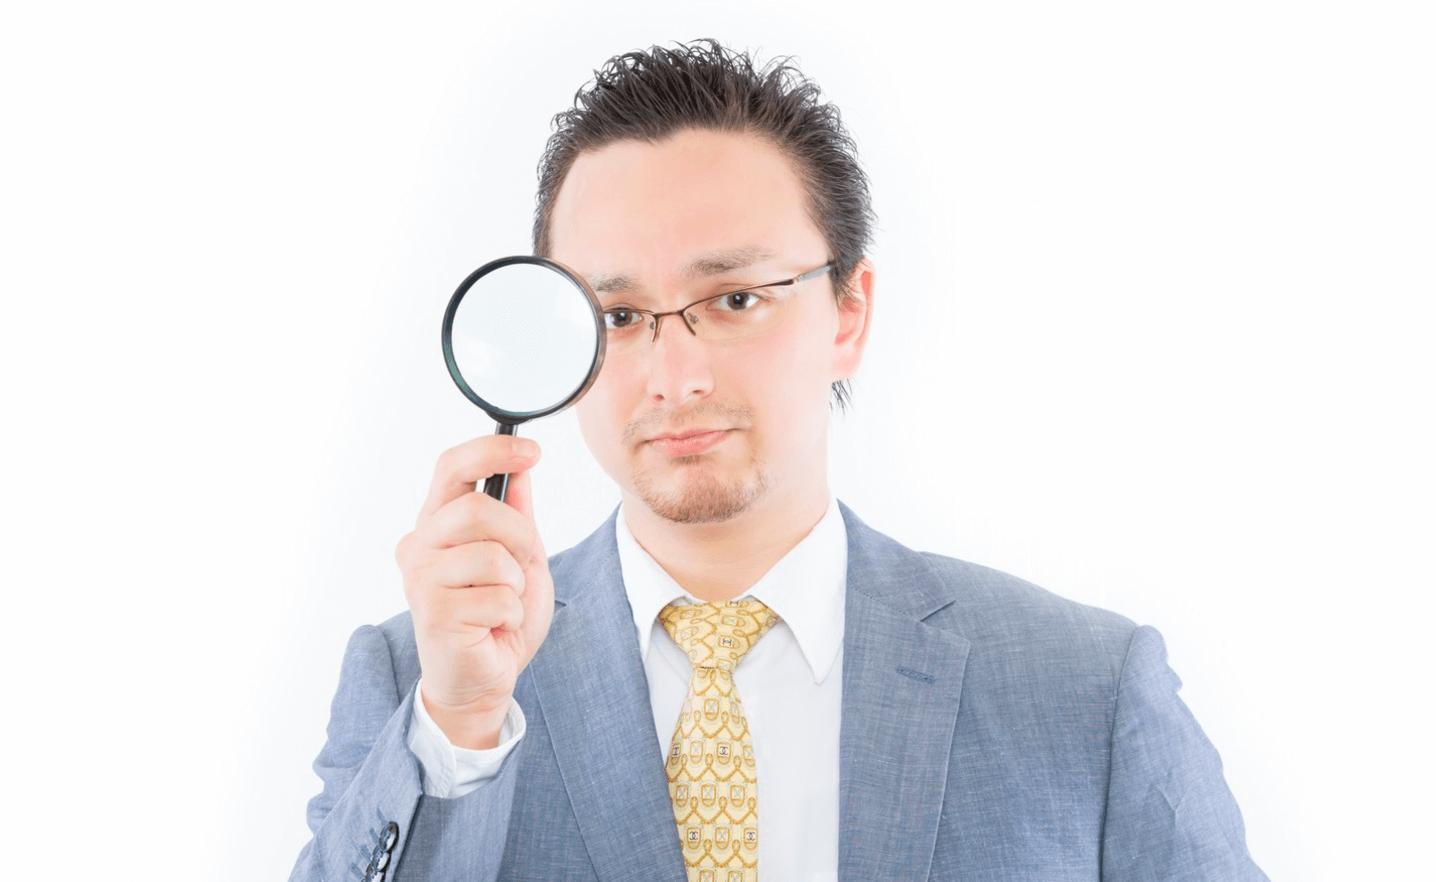 外国人虫眼鏡